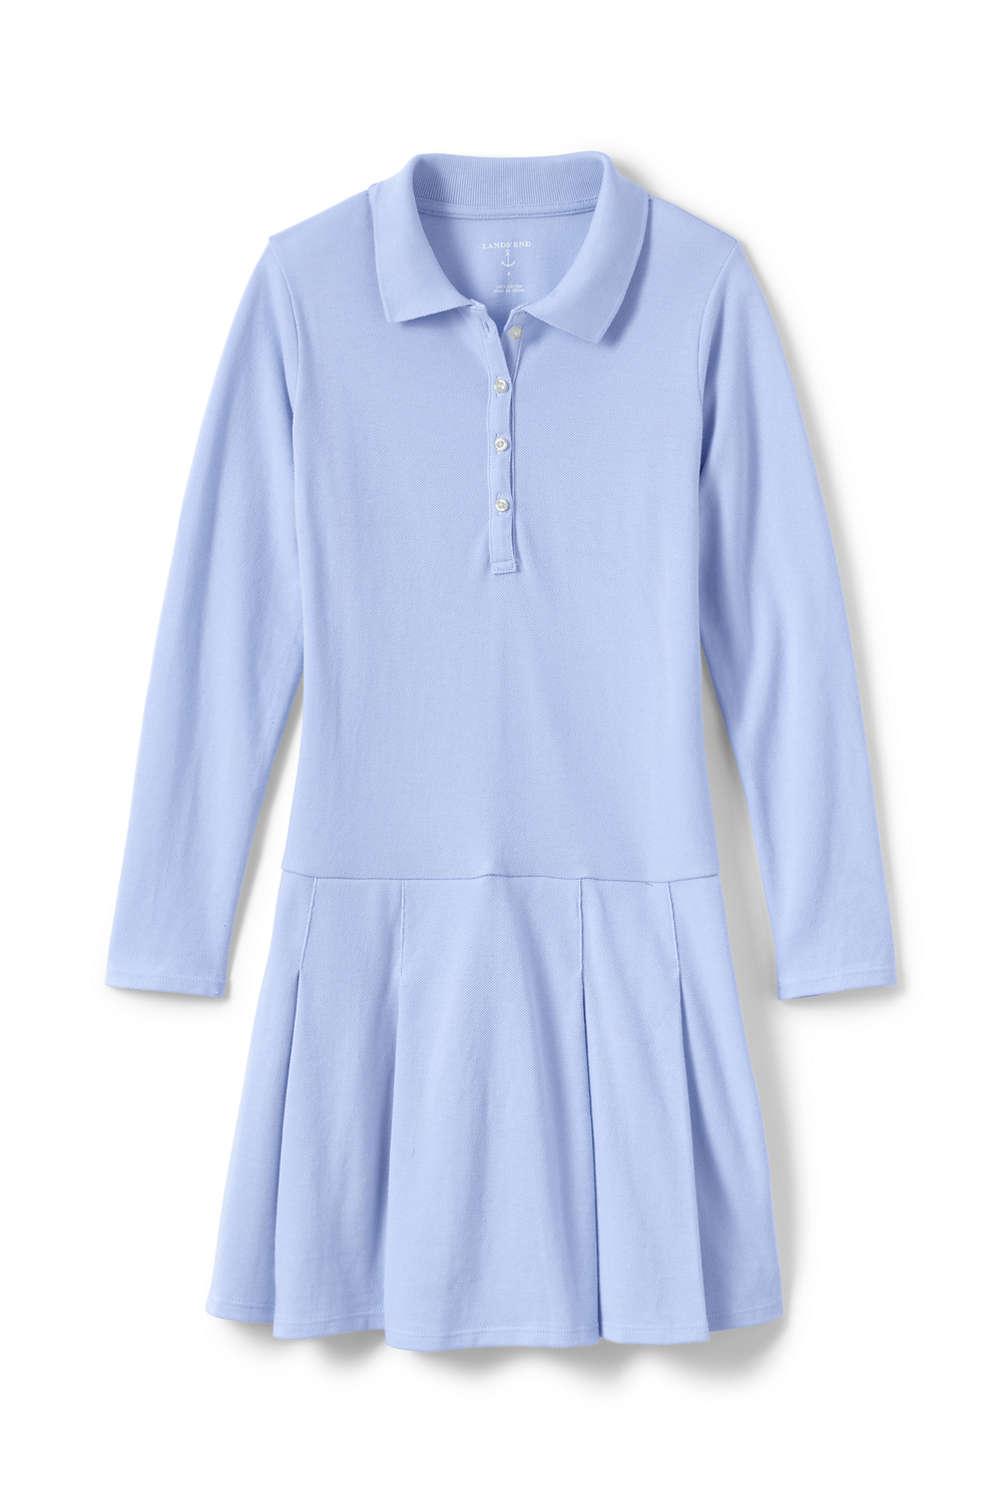 79d2e41a6f81 School Uniform Girls Long Sleeve Mesh Polo Dress from Lands  End